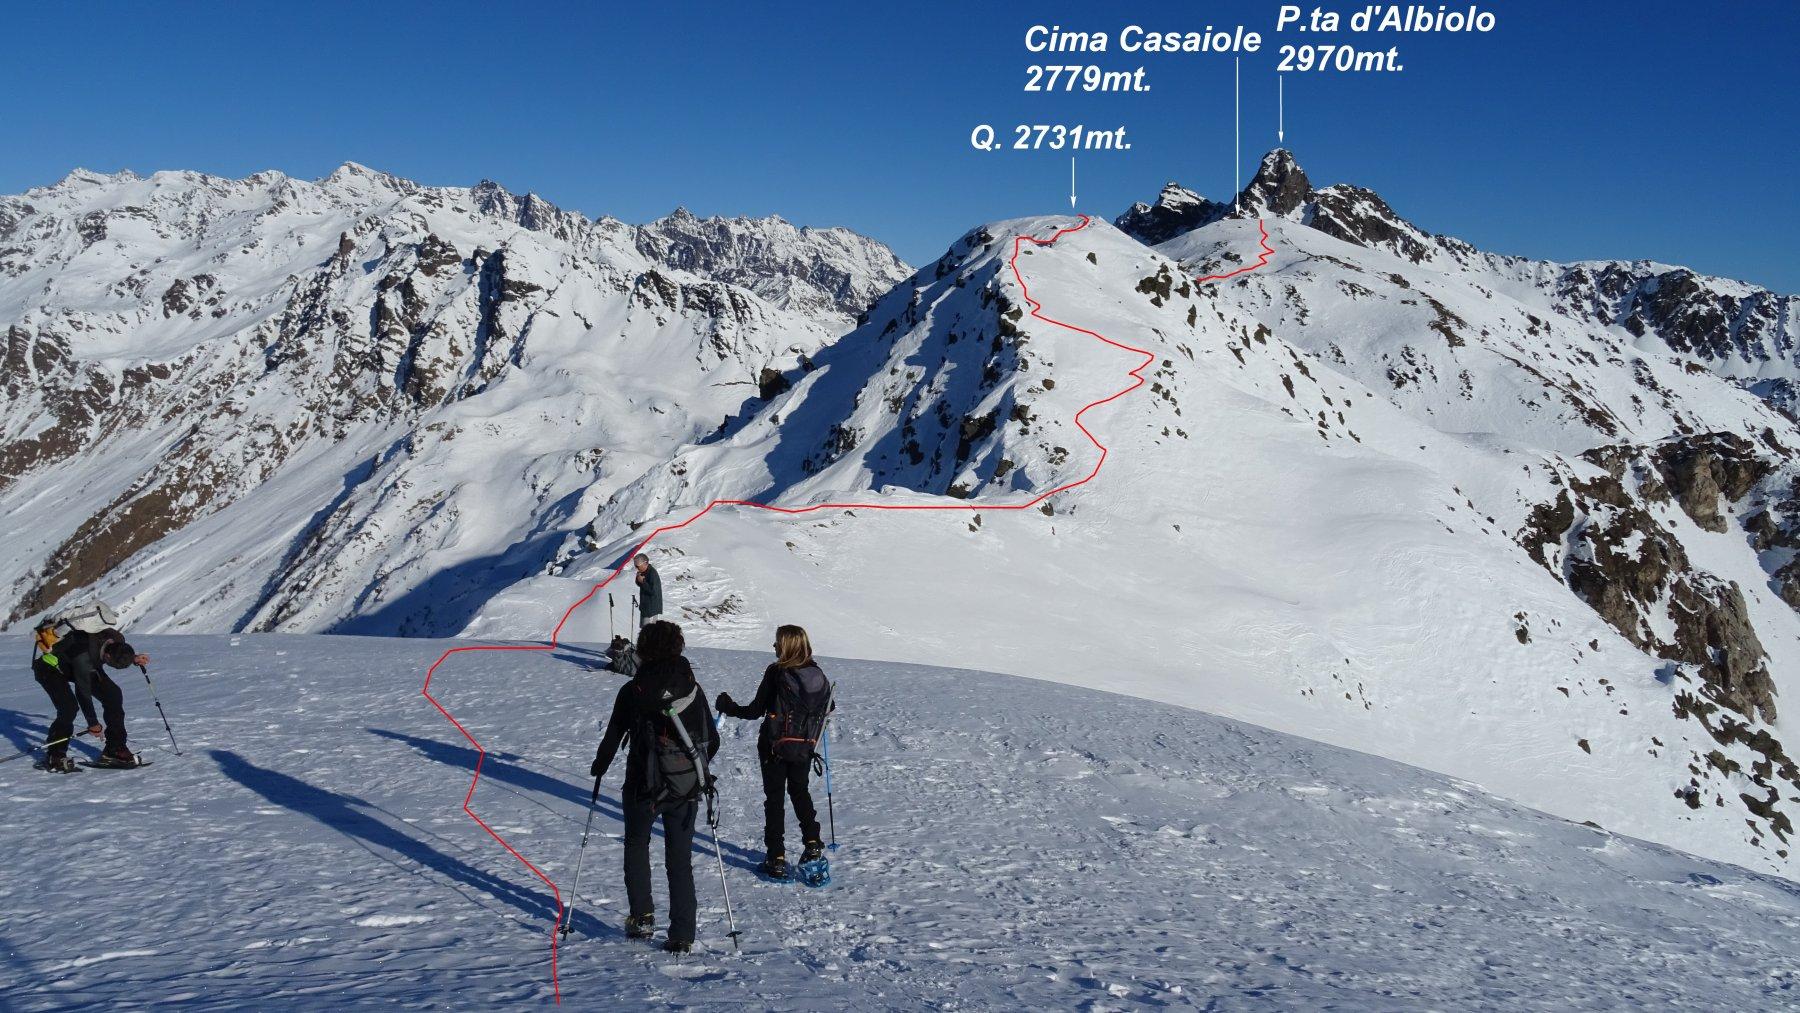 In rosso la traccia della traversata in cresta vista dal M.Tonale occid. 2694mt.